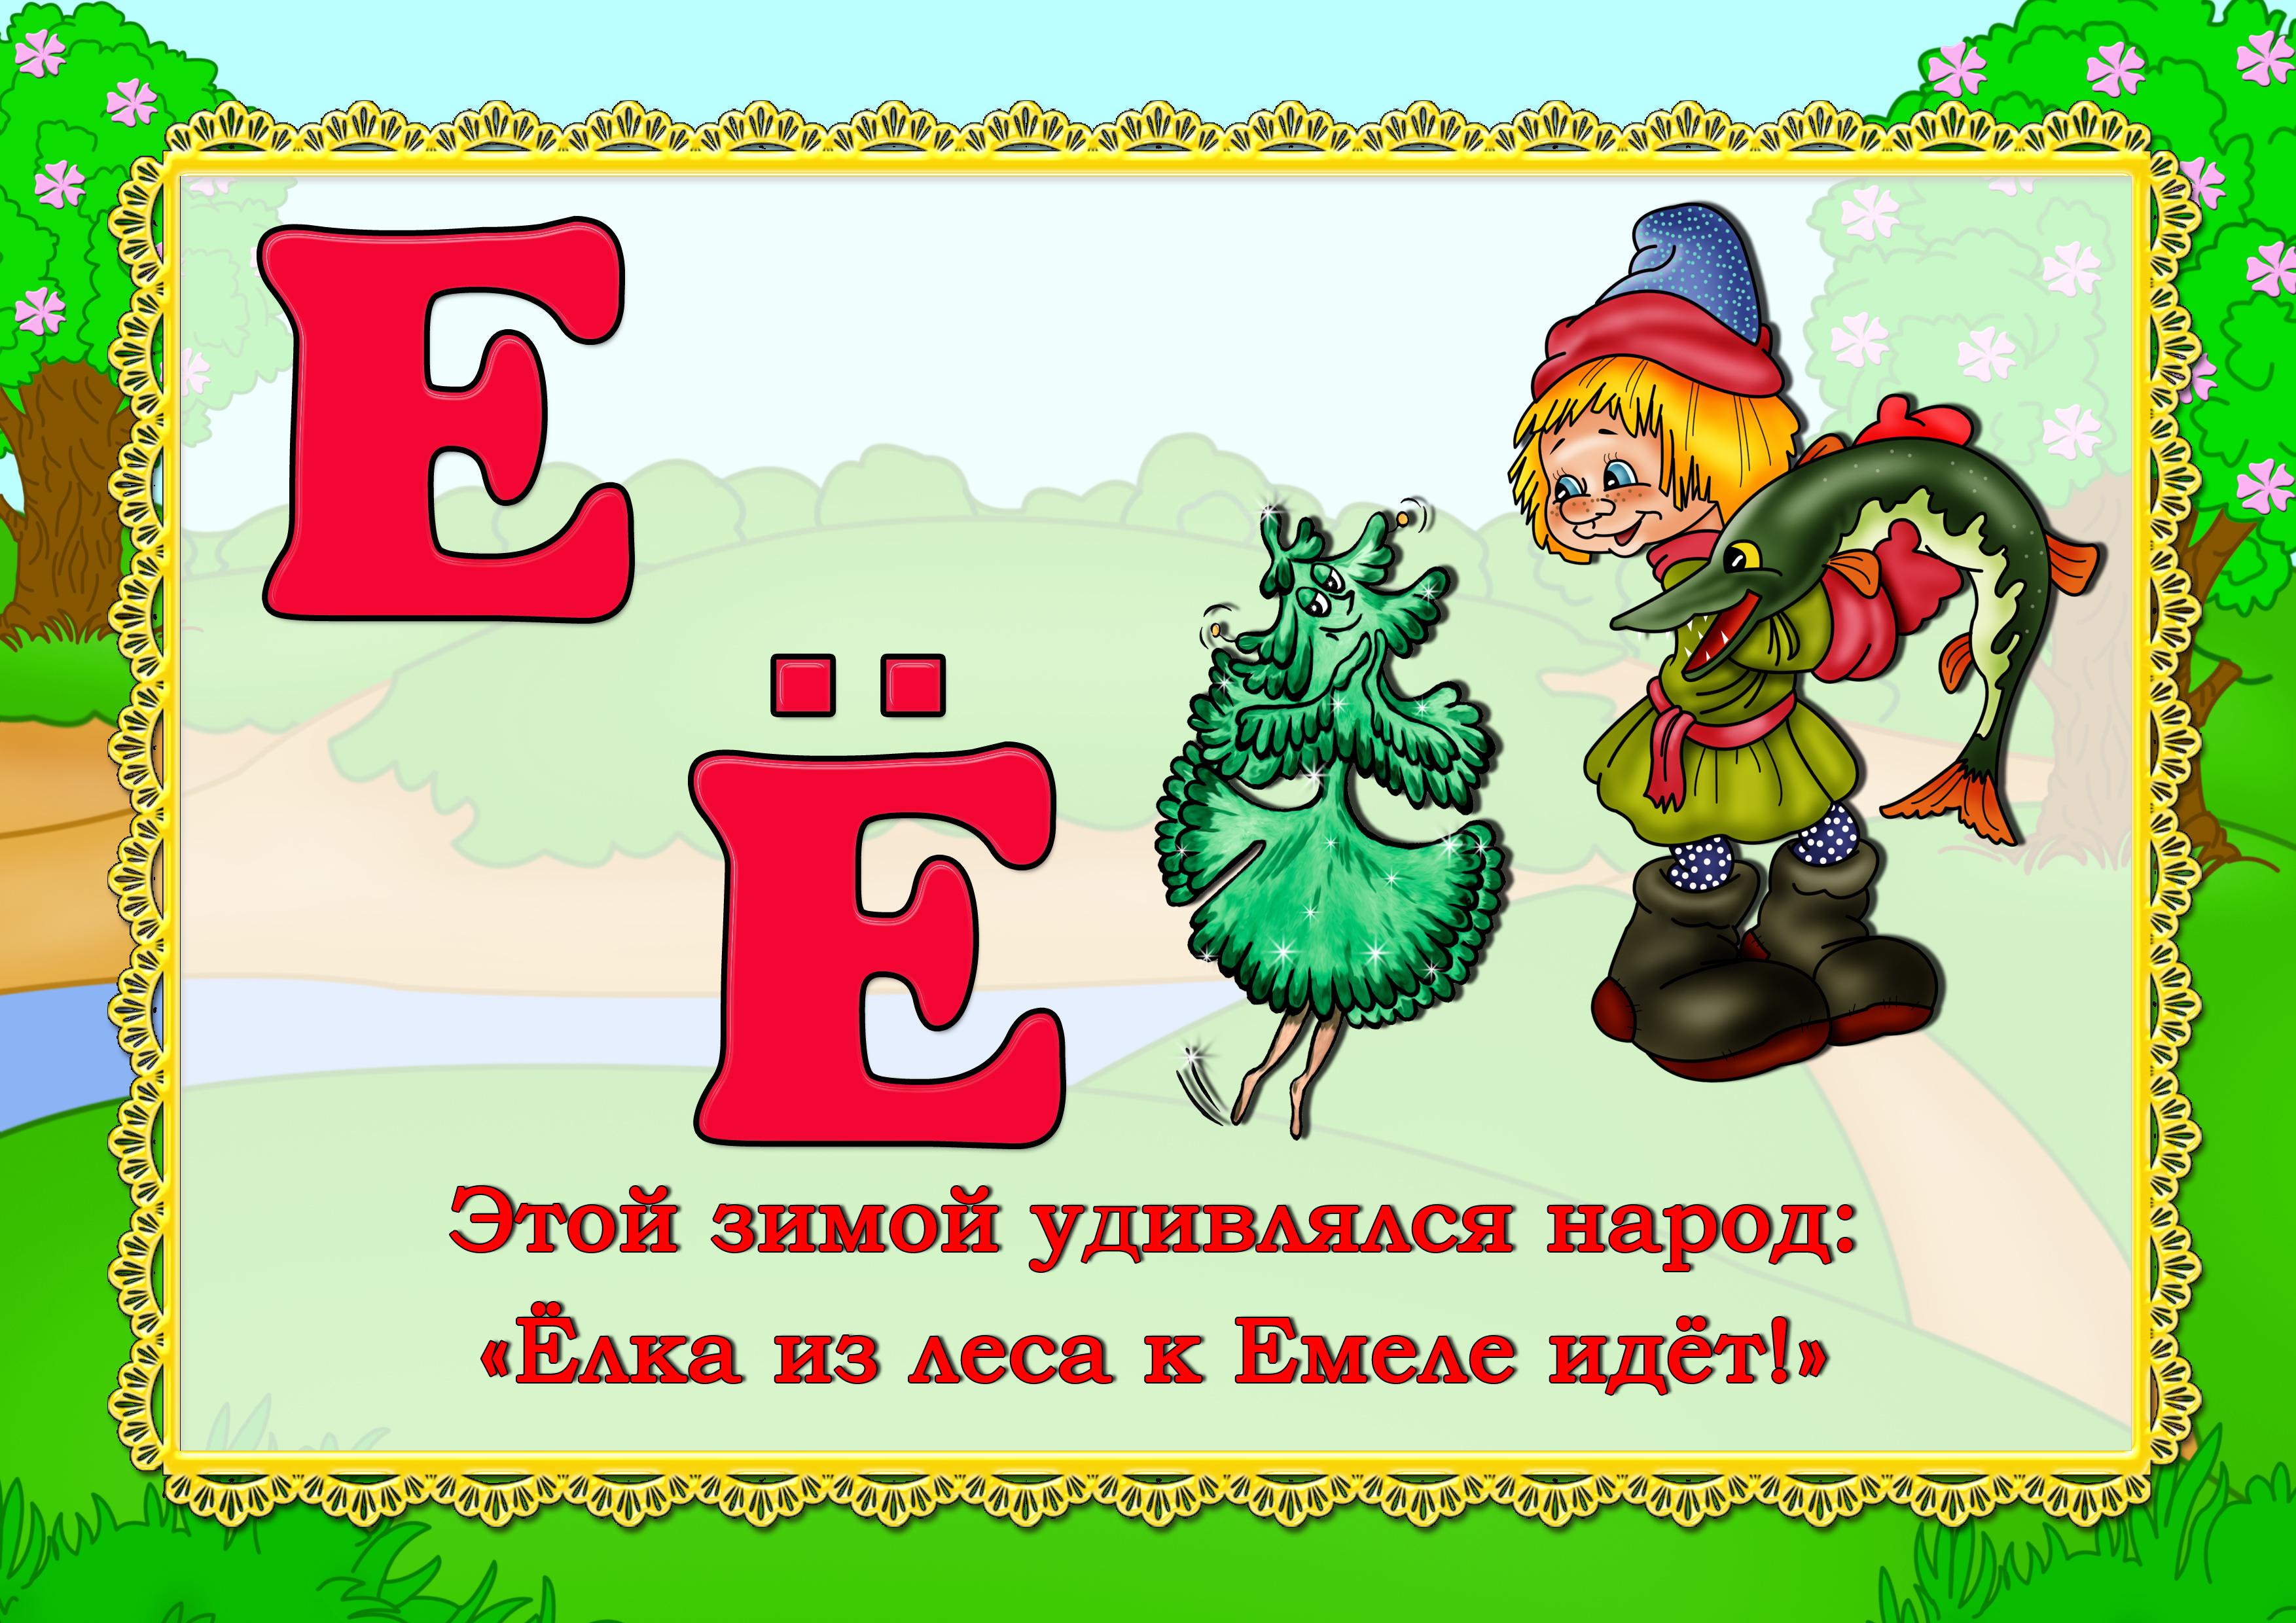 бахоровцы, квартала стихи про алфавит с картинками щукинское